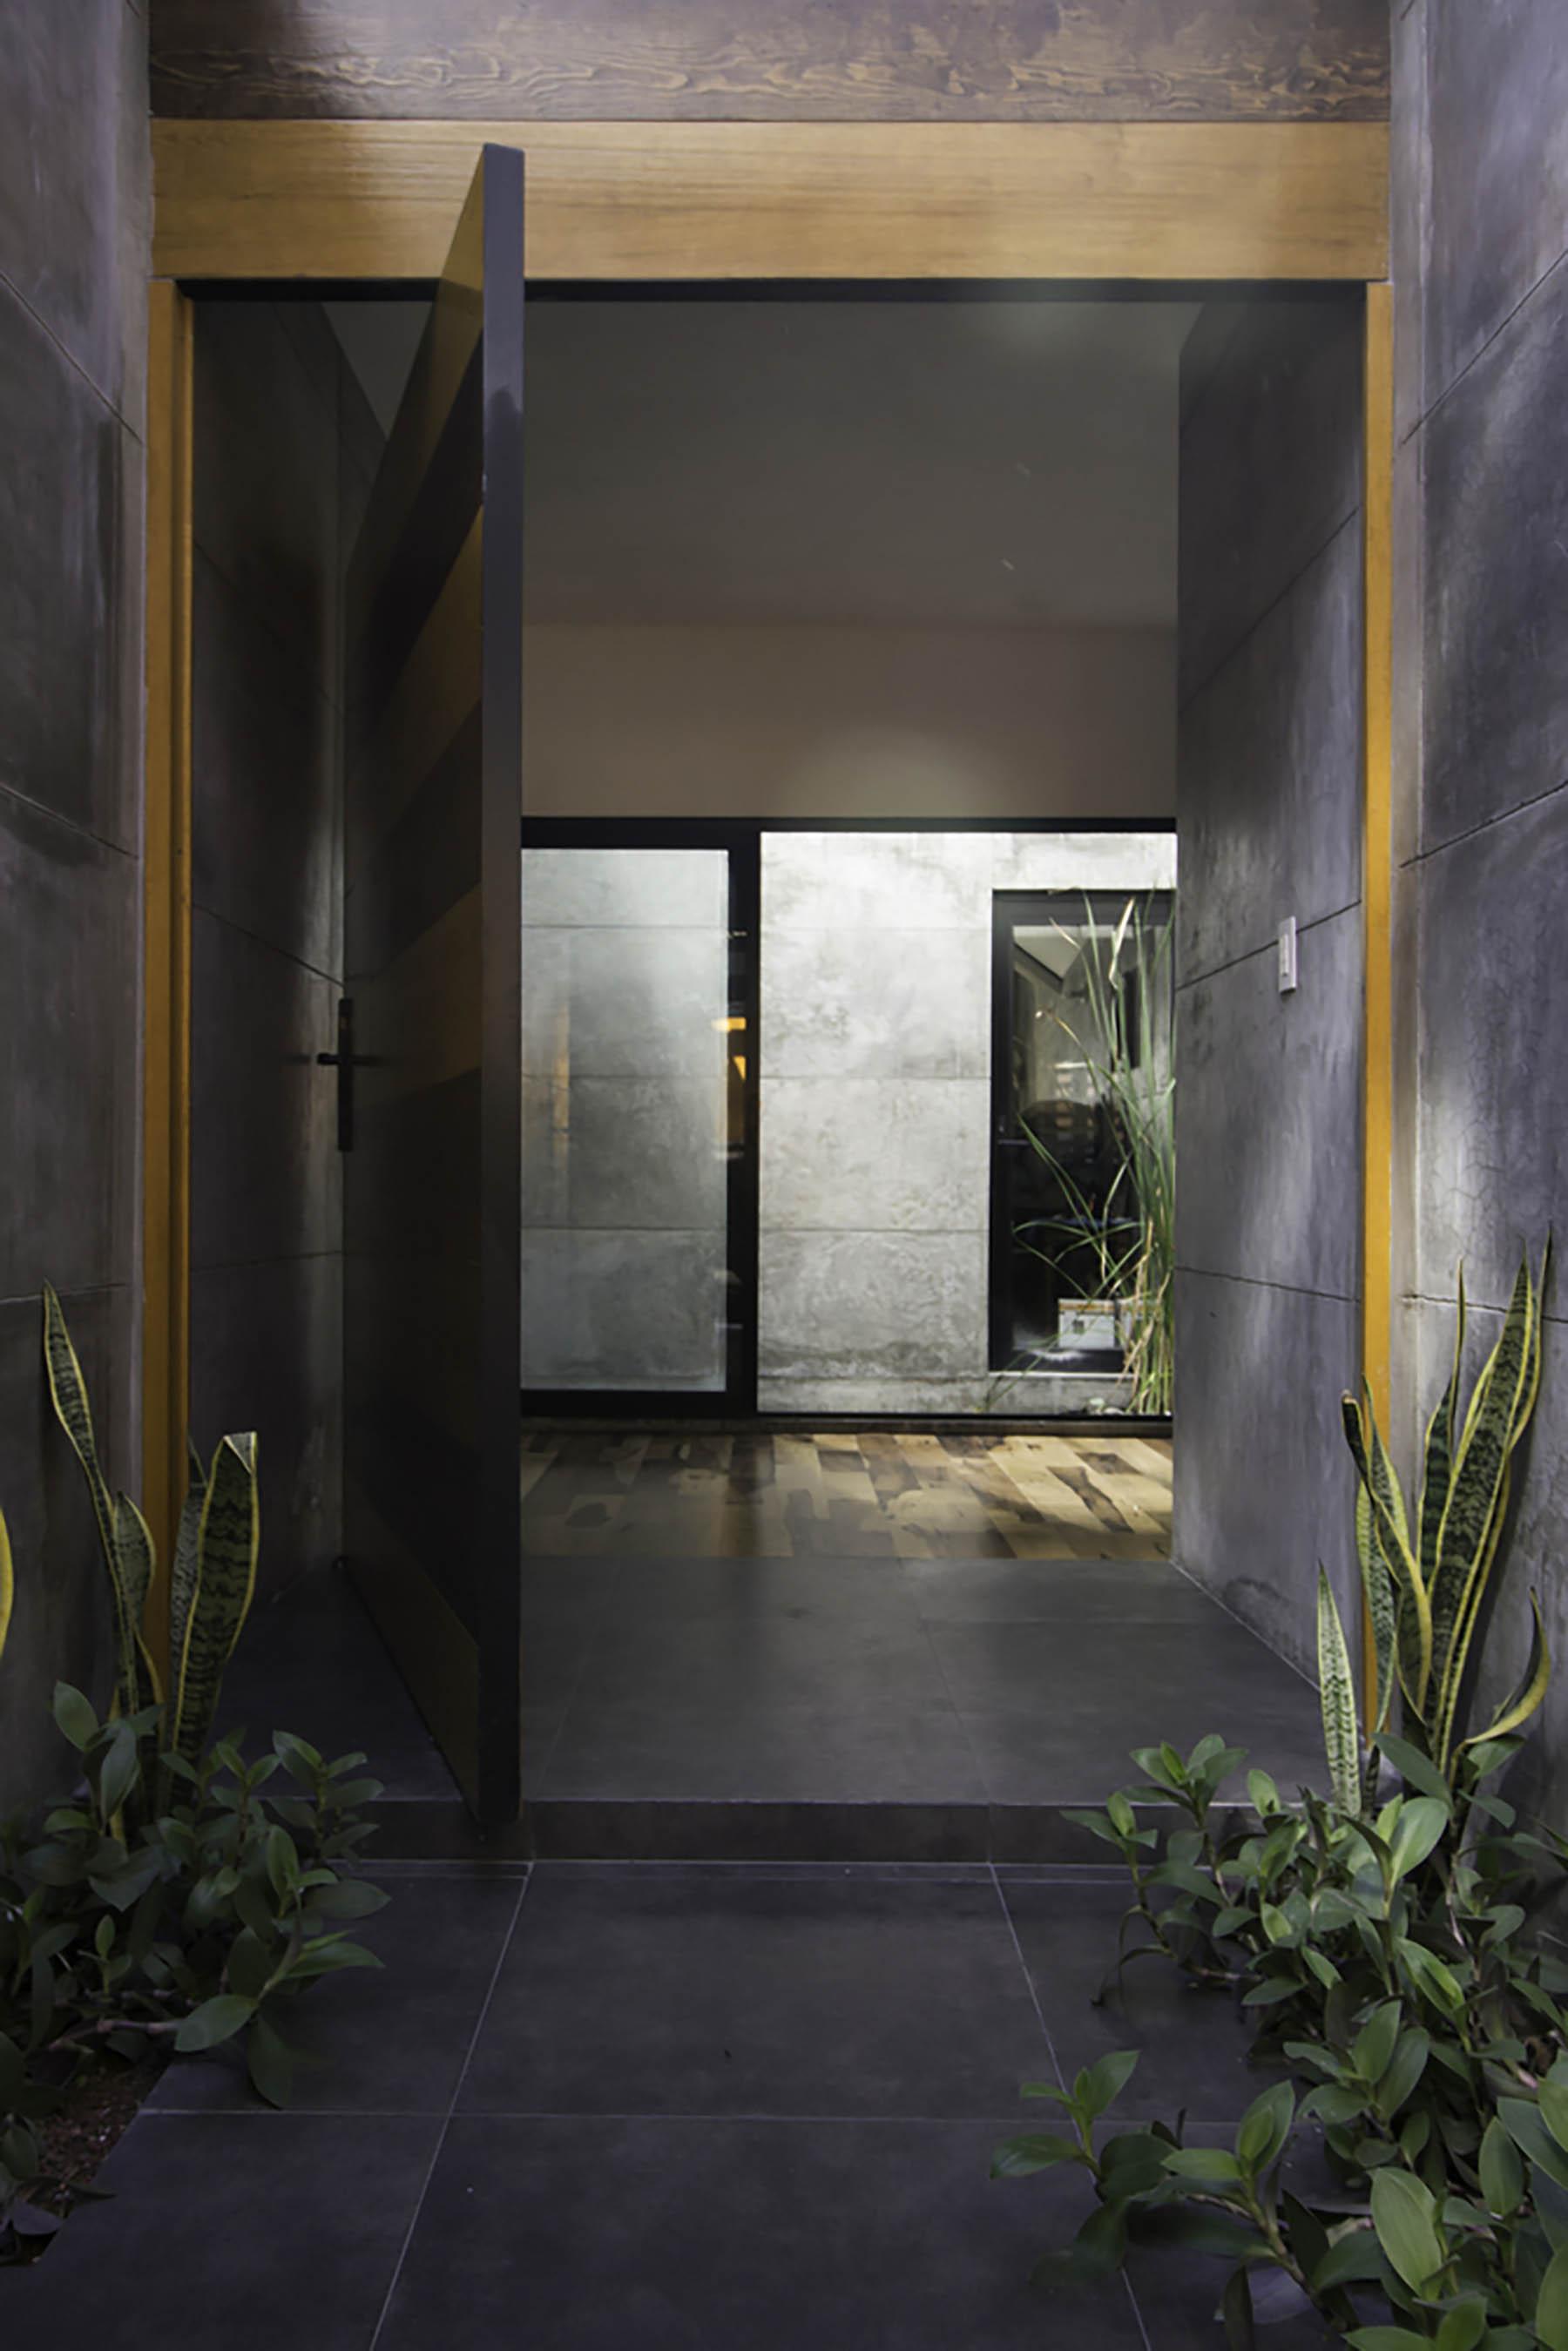 iGNANT-Architecture-Ariel-Valenzuela-And-Diego-Ledesma -Casa-Papagayo-14b